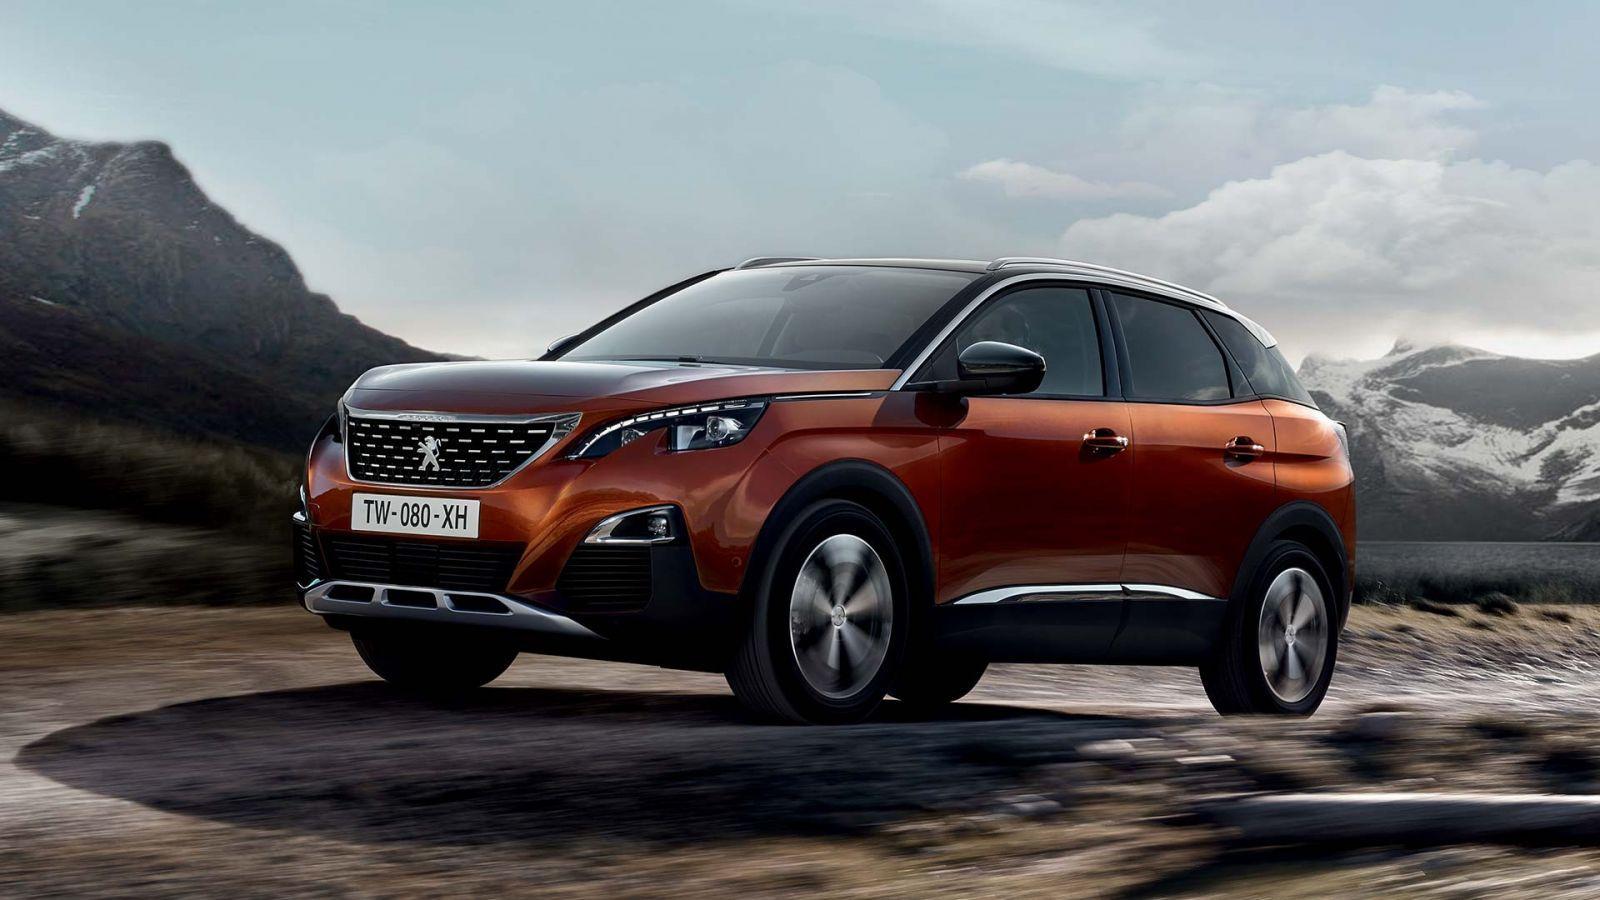 Peugeot Mayıs kampanyasında kaçırılmayacak fırsat (Peugeot fiyat listesi 2021)